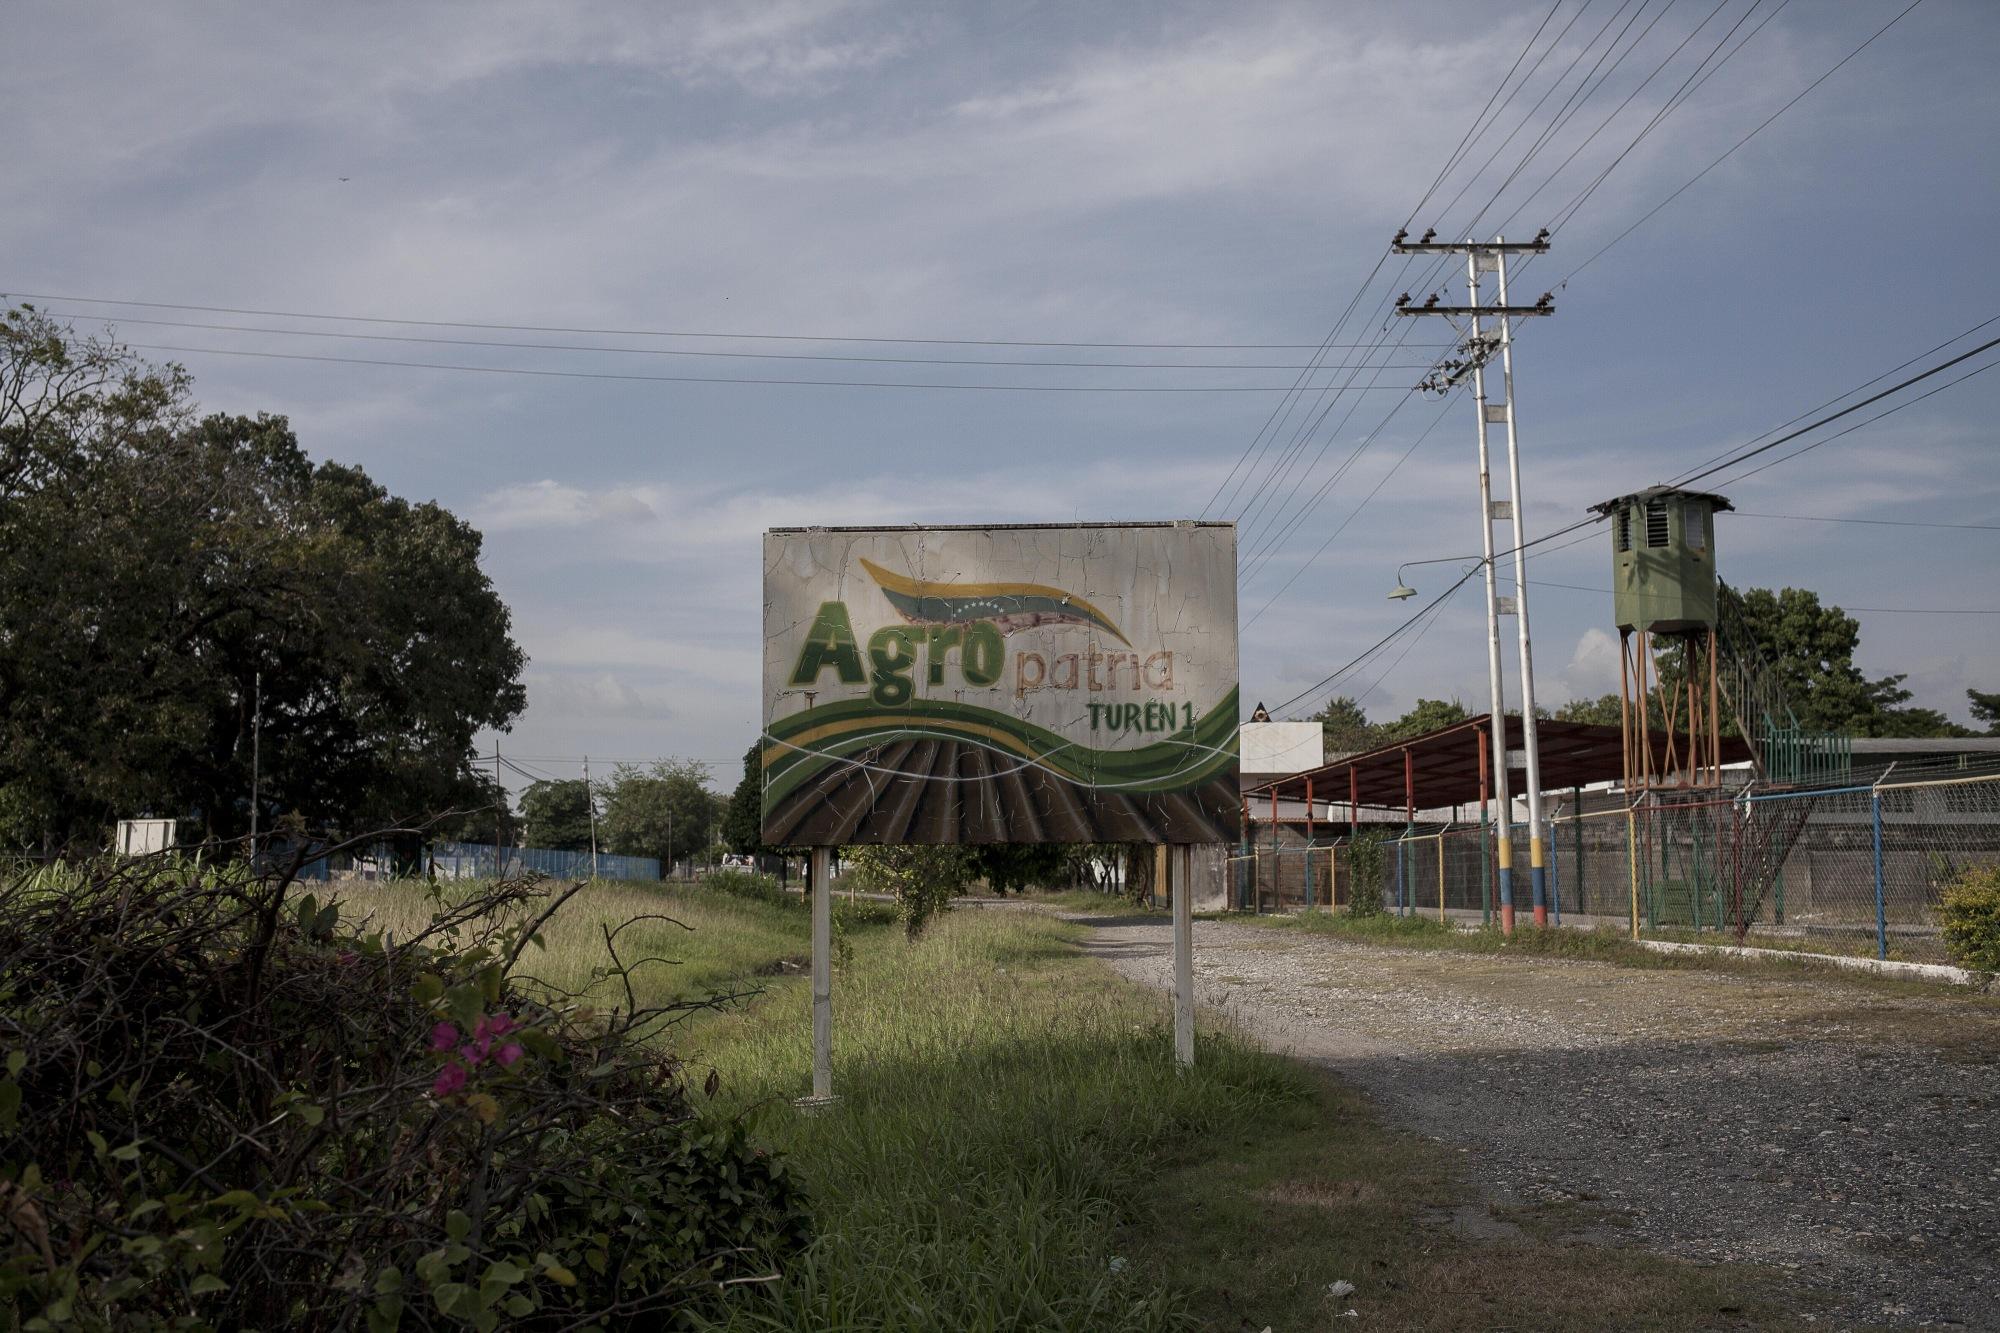 Campos de otoño de Venezuela en la crisis agrícola de la nación